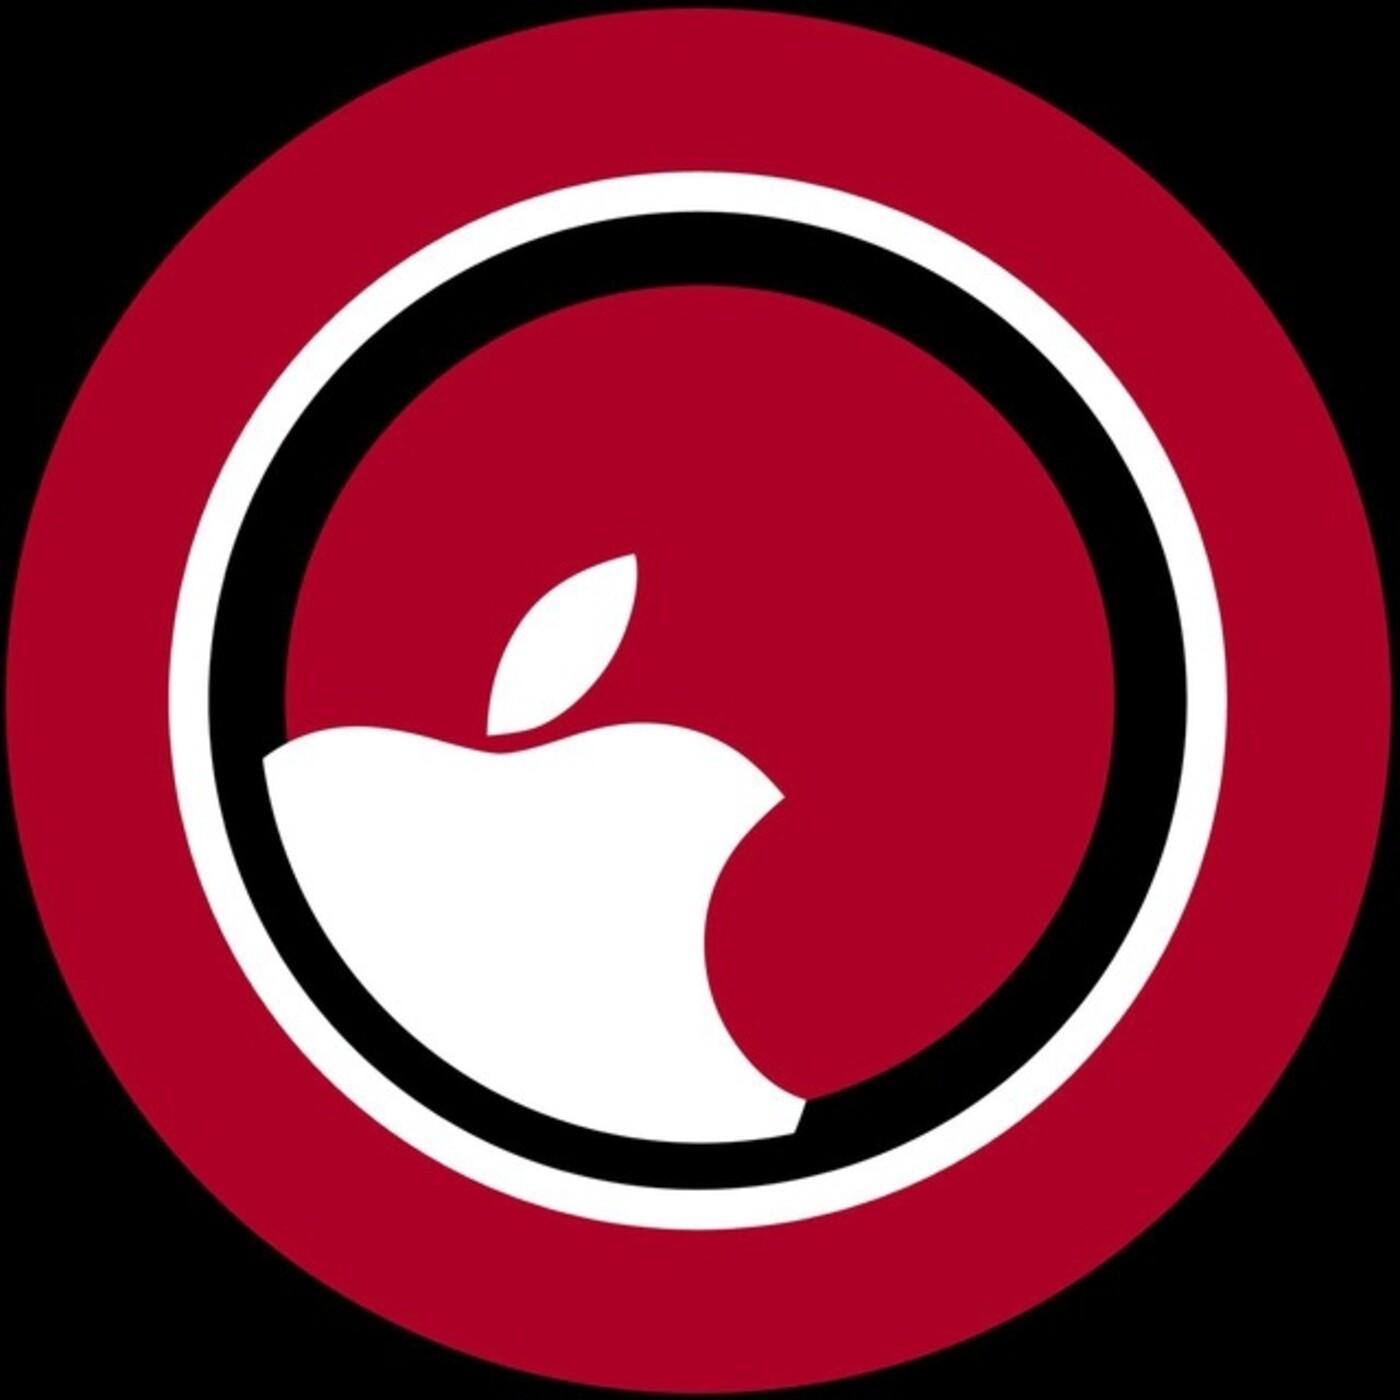 Episodio 43: Apple Care hablemos de sus beneficios y defectos